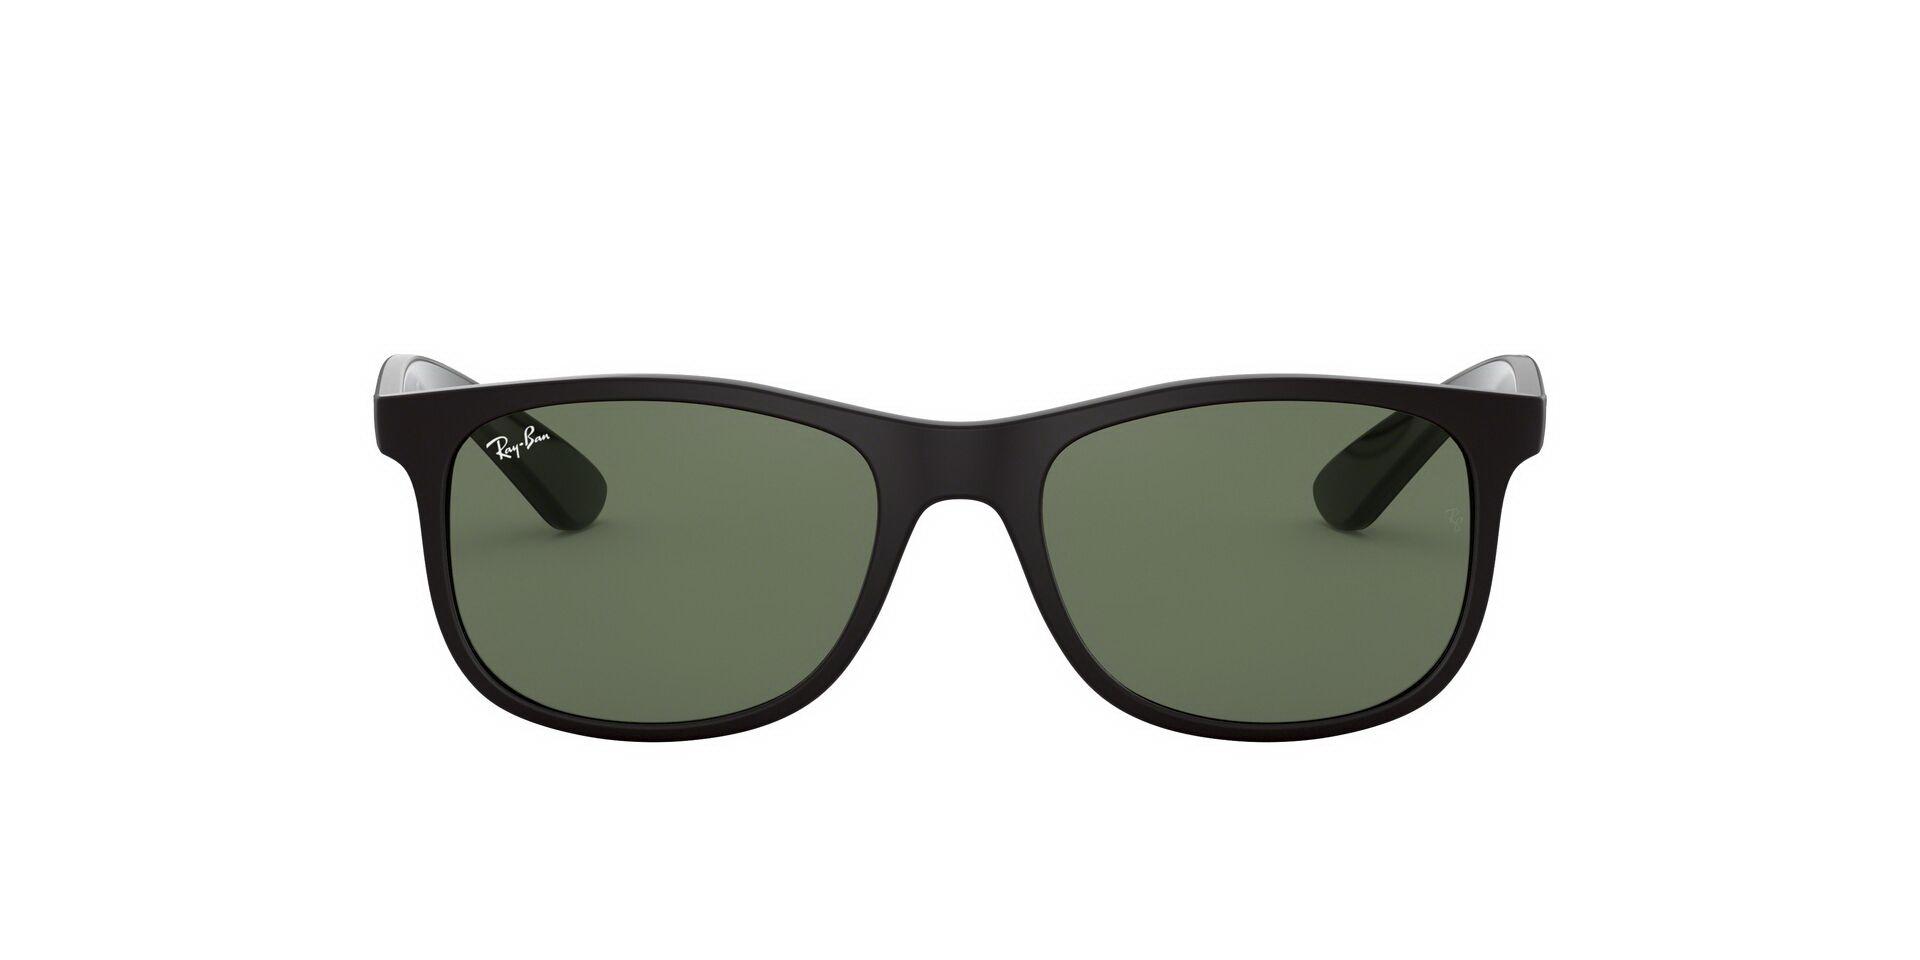 Солнцезащитные очки Очки с/з Ray Ban 0RJ9062S 701371 фото